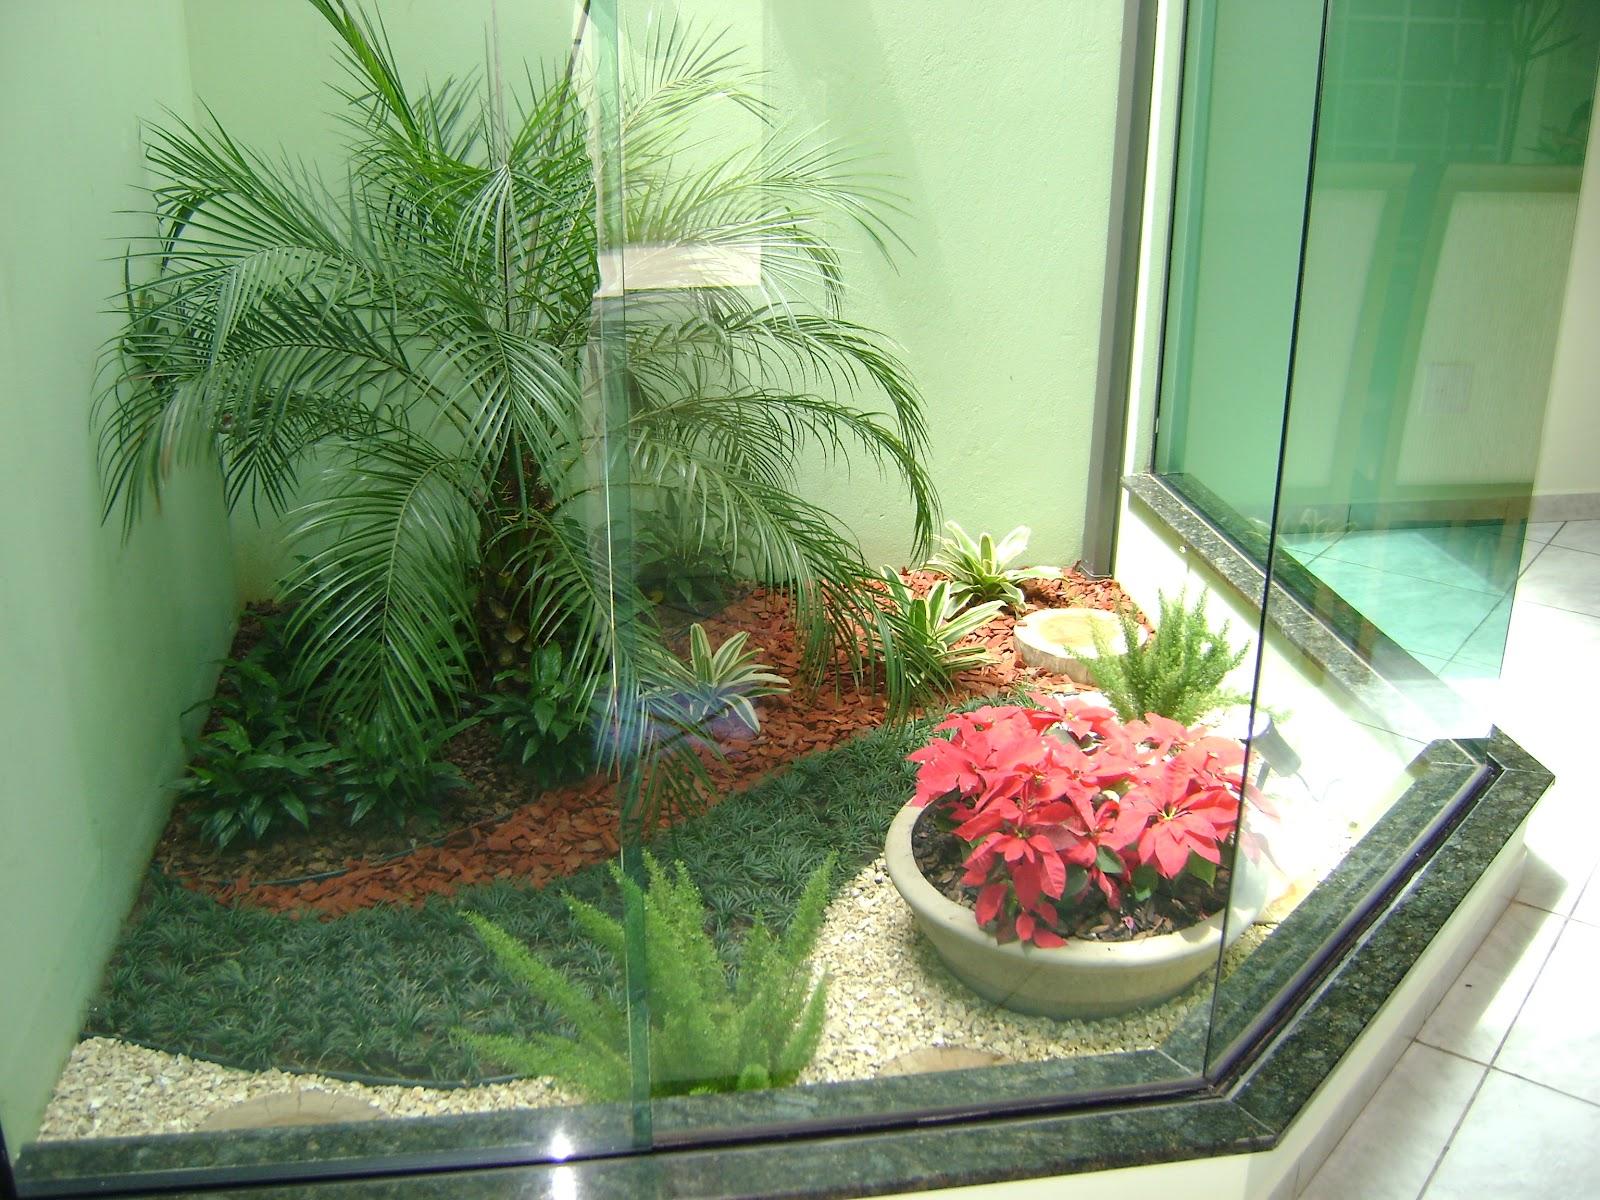 Jardins internos o que plantar dentro de casa dicas op es for Interno s